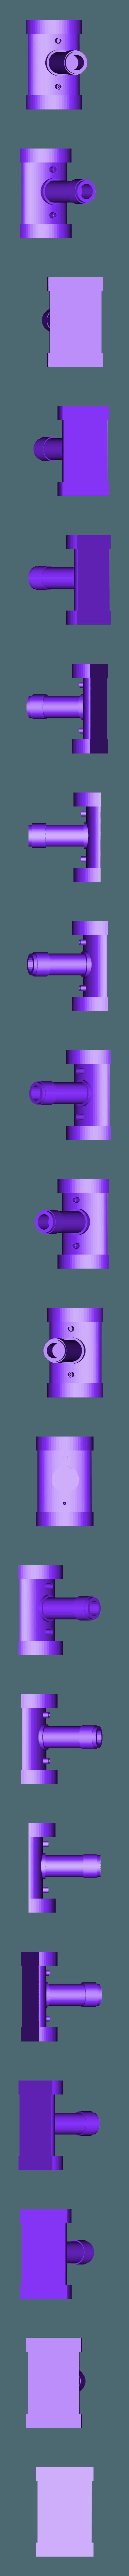 4_rad_short_barrel.stl Télécharger fichier STL gratuit Options d'armes pour 4 Rad Sturmwagen • Objet pour imprimante 3D, redstarkits